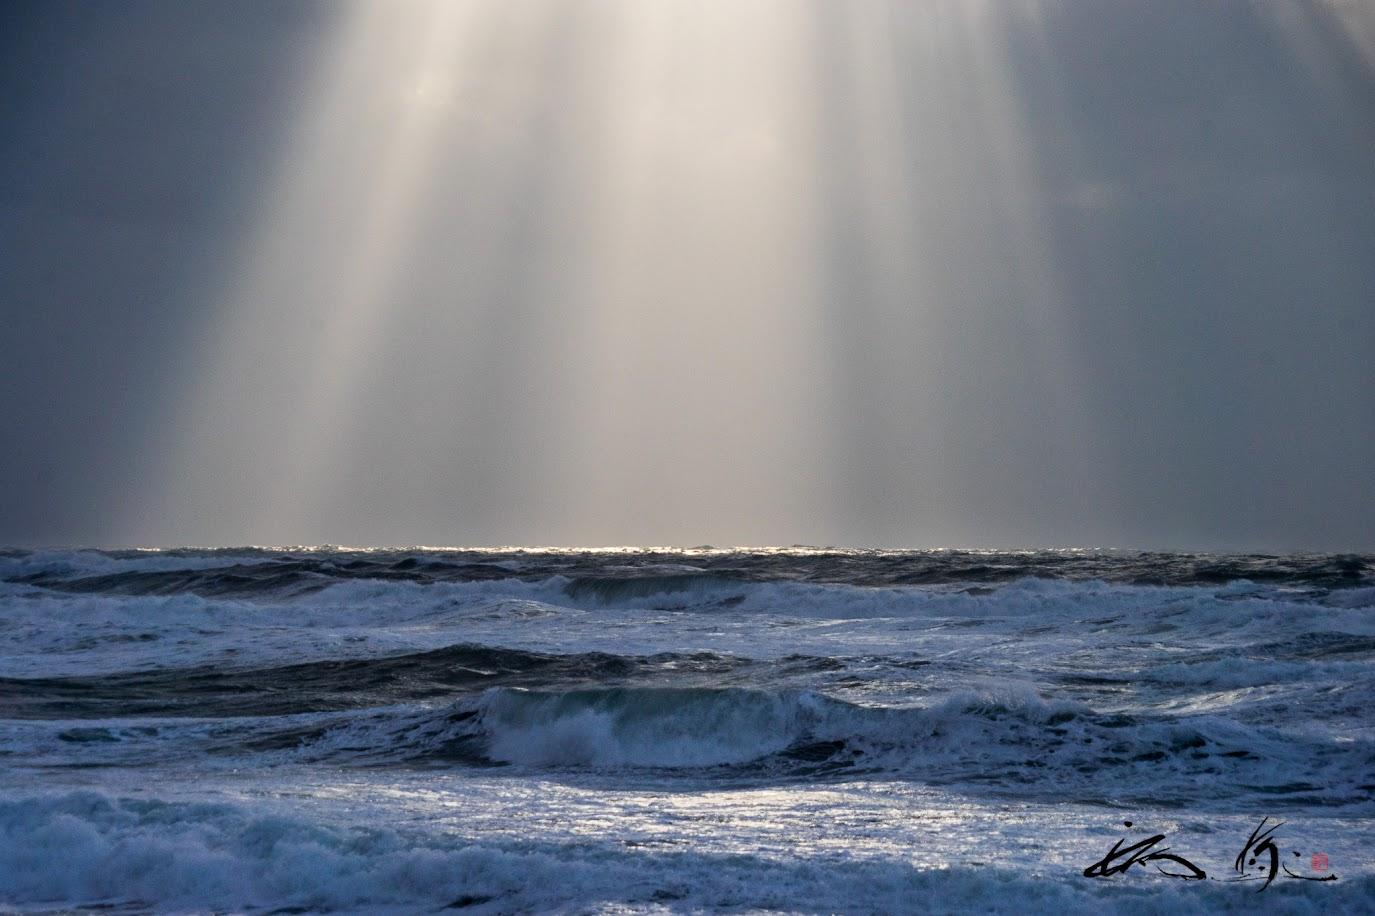 冬の海を照らす天空の光